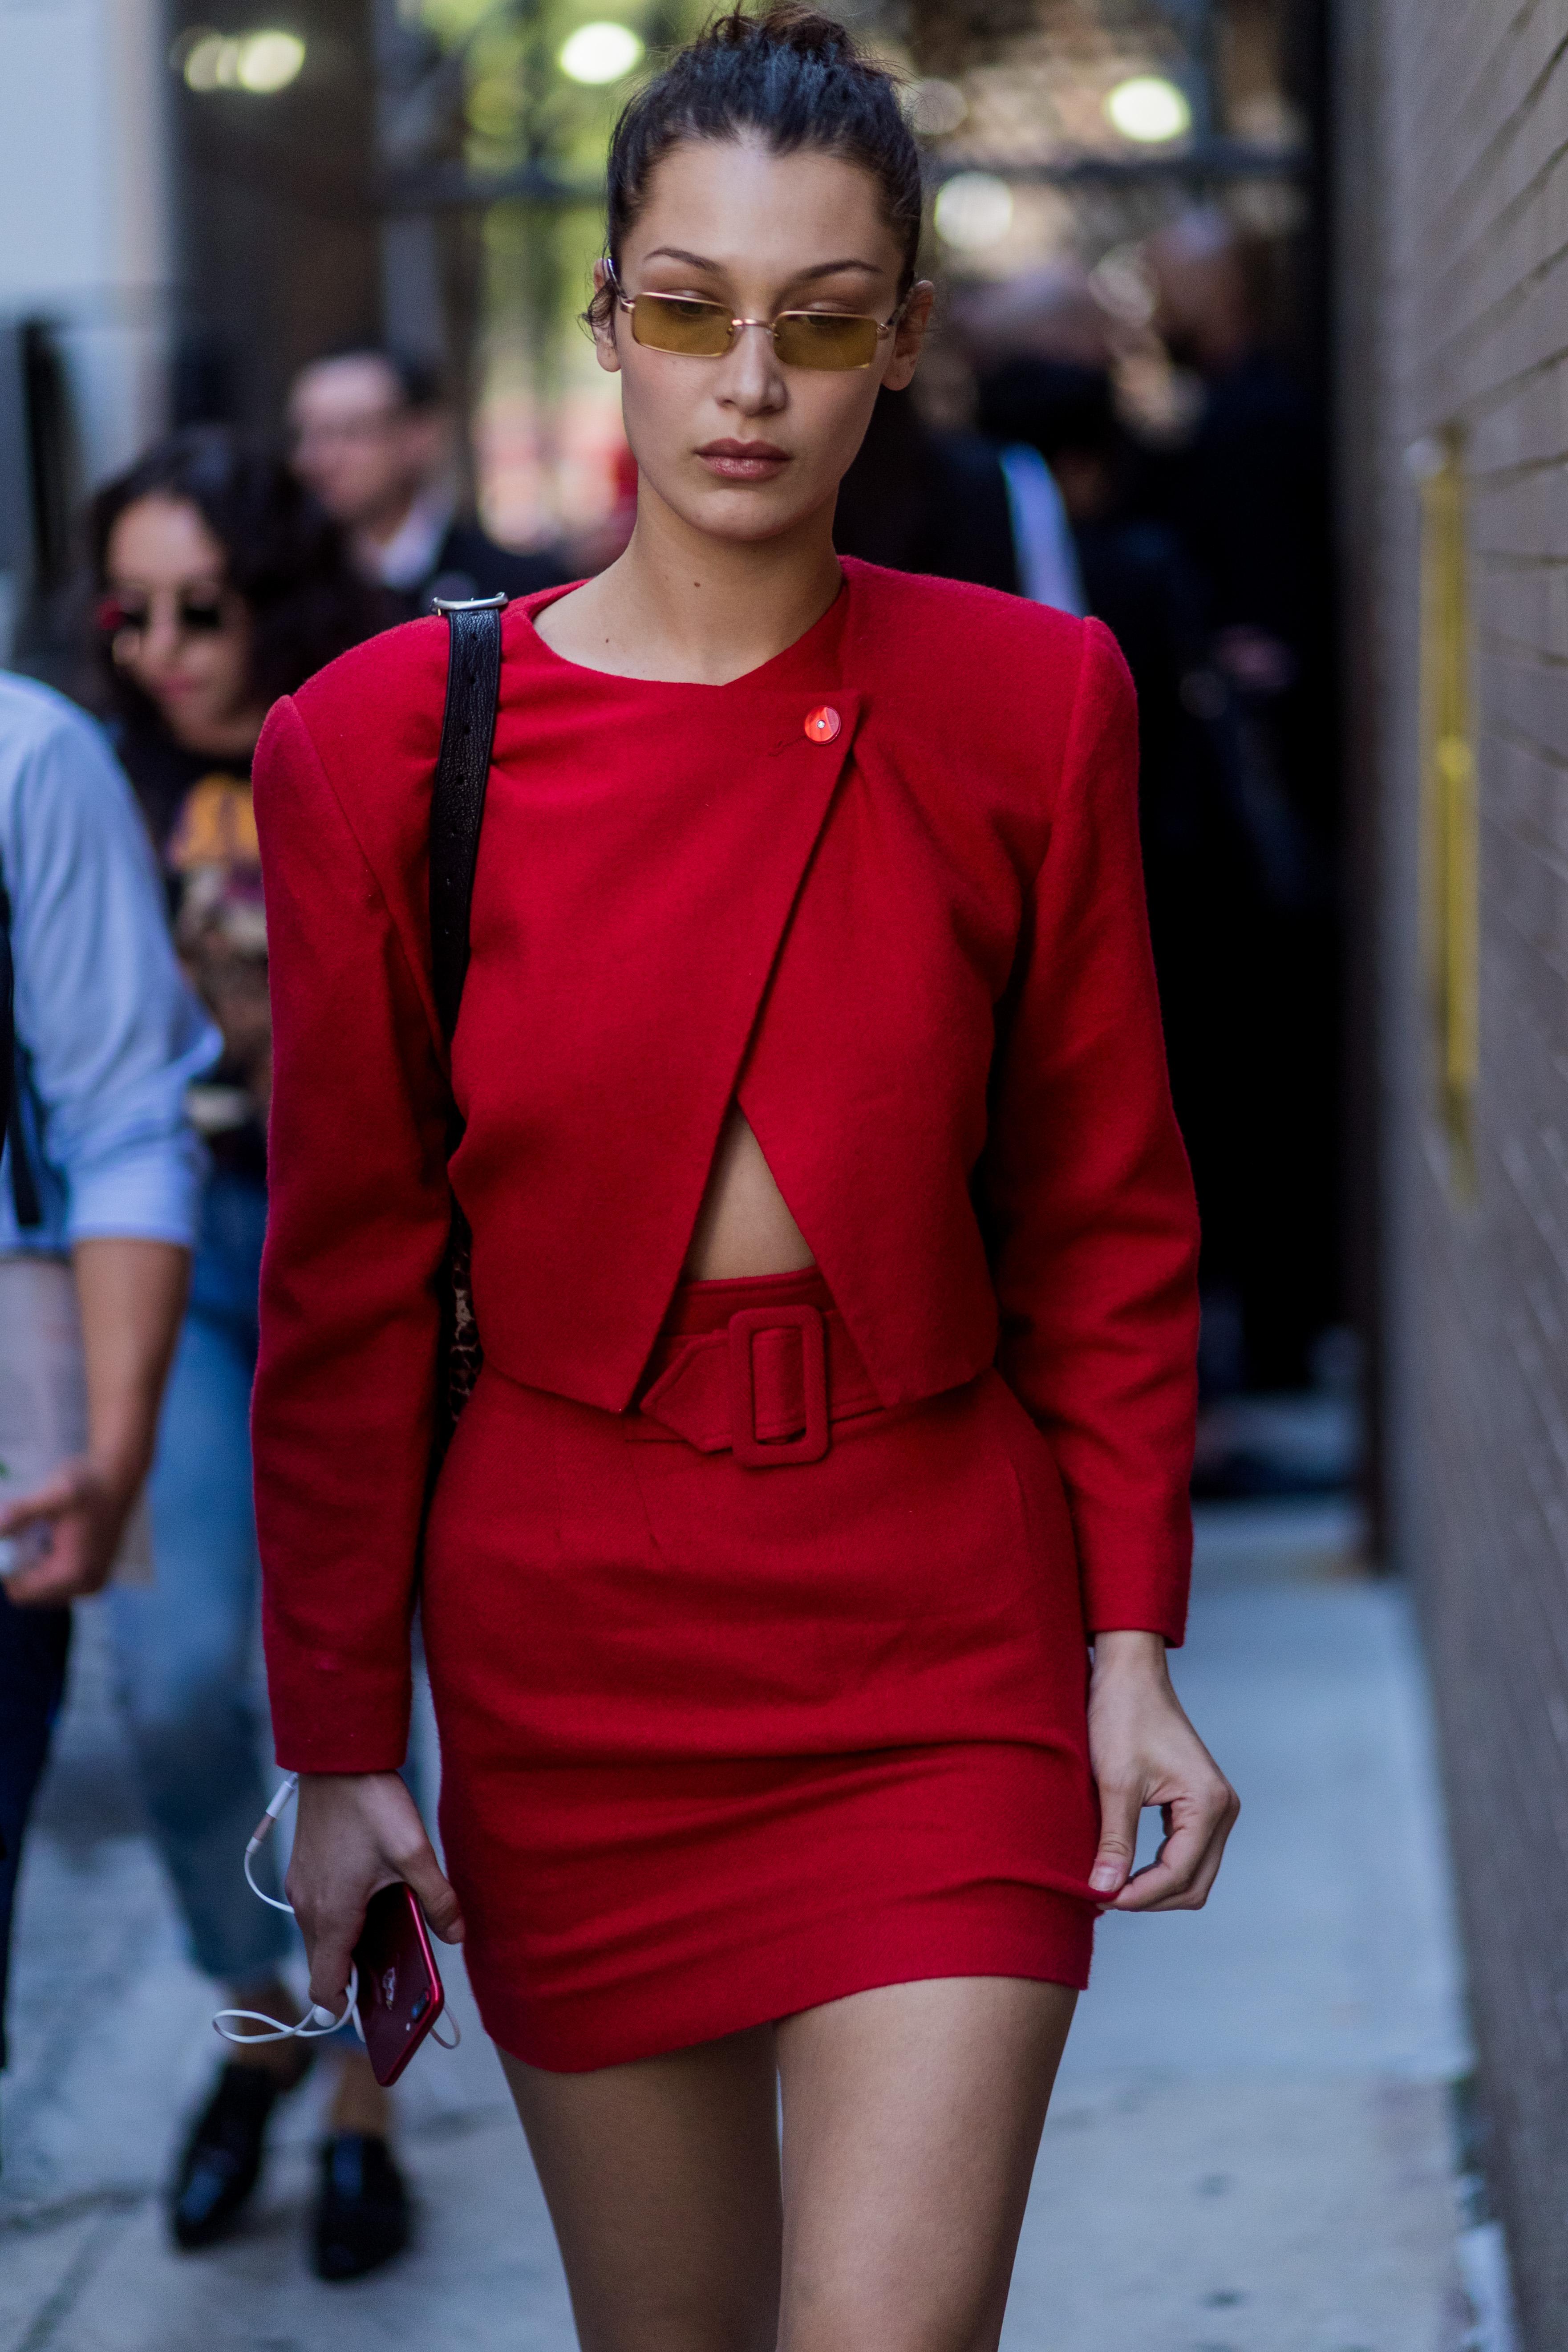 rojo, red, estilo, look, famosas, tendencia